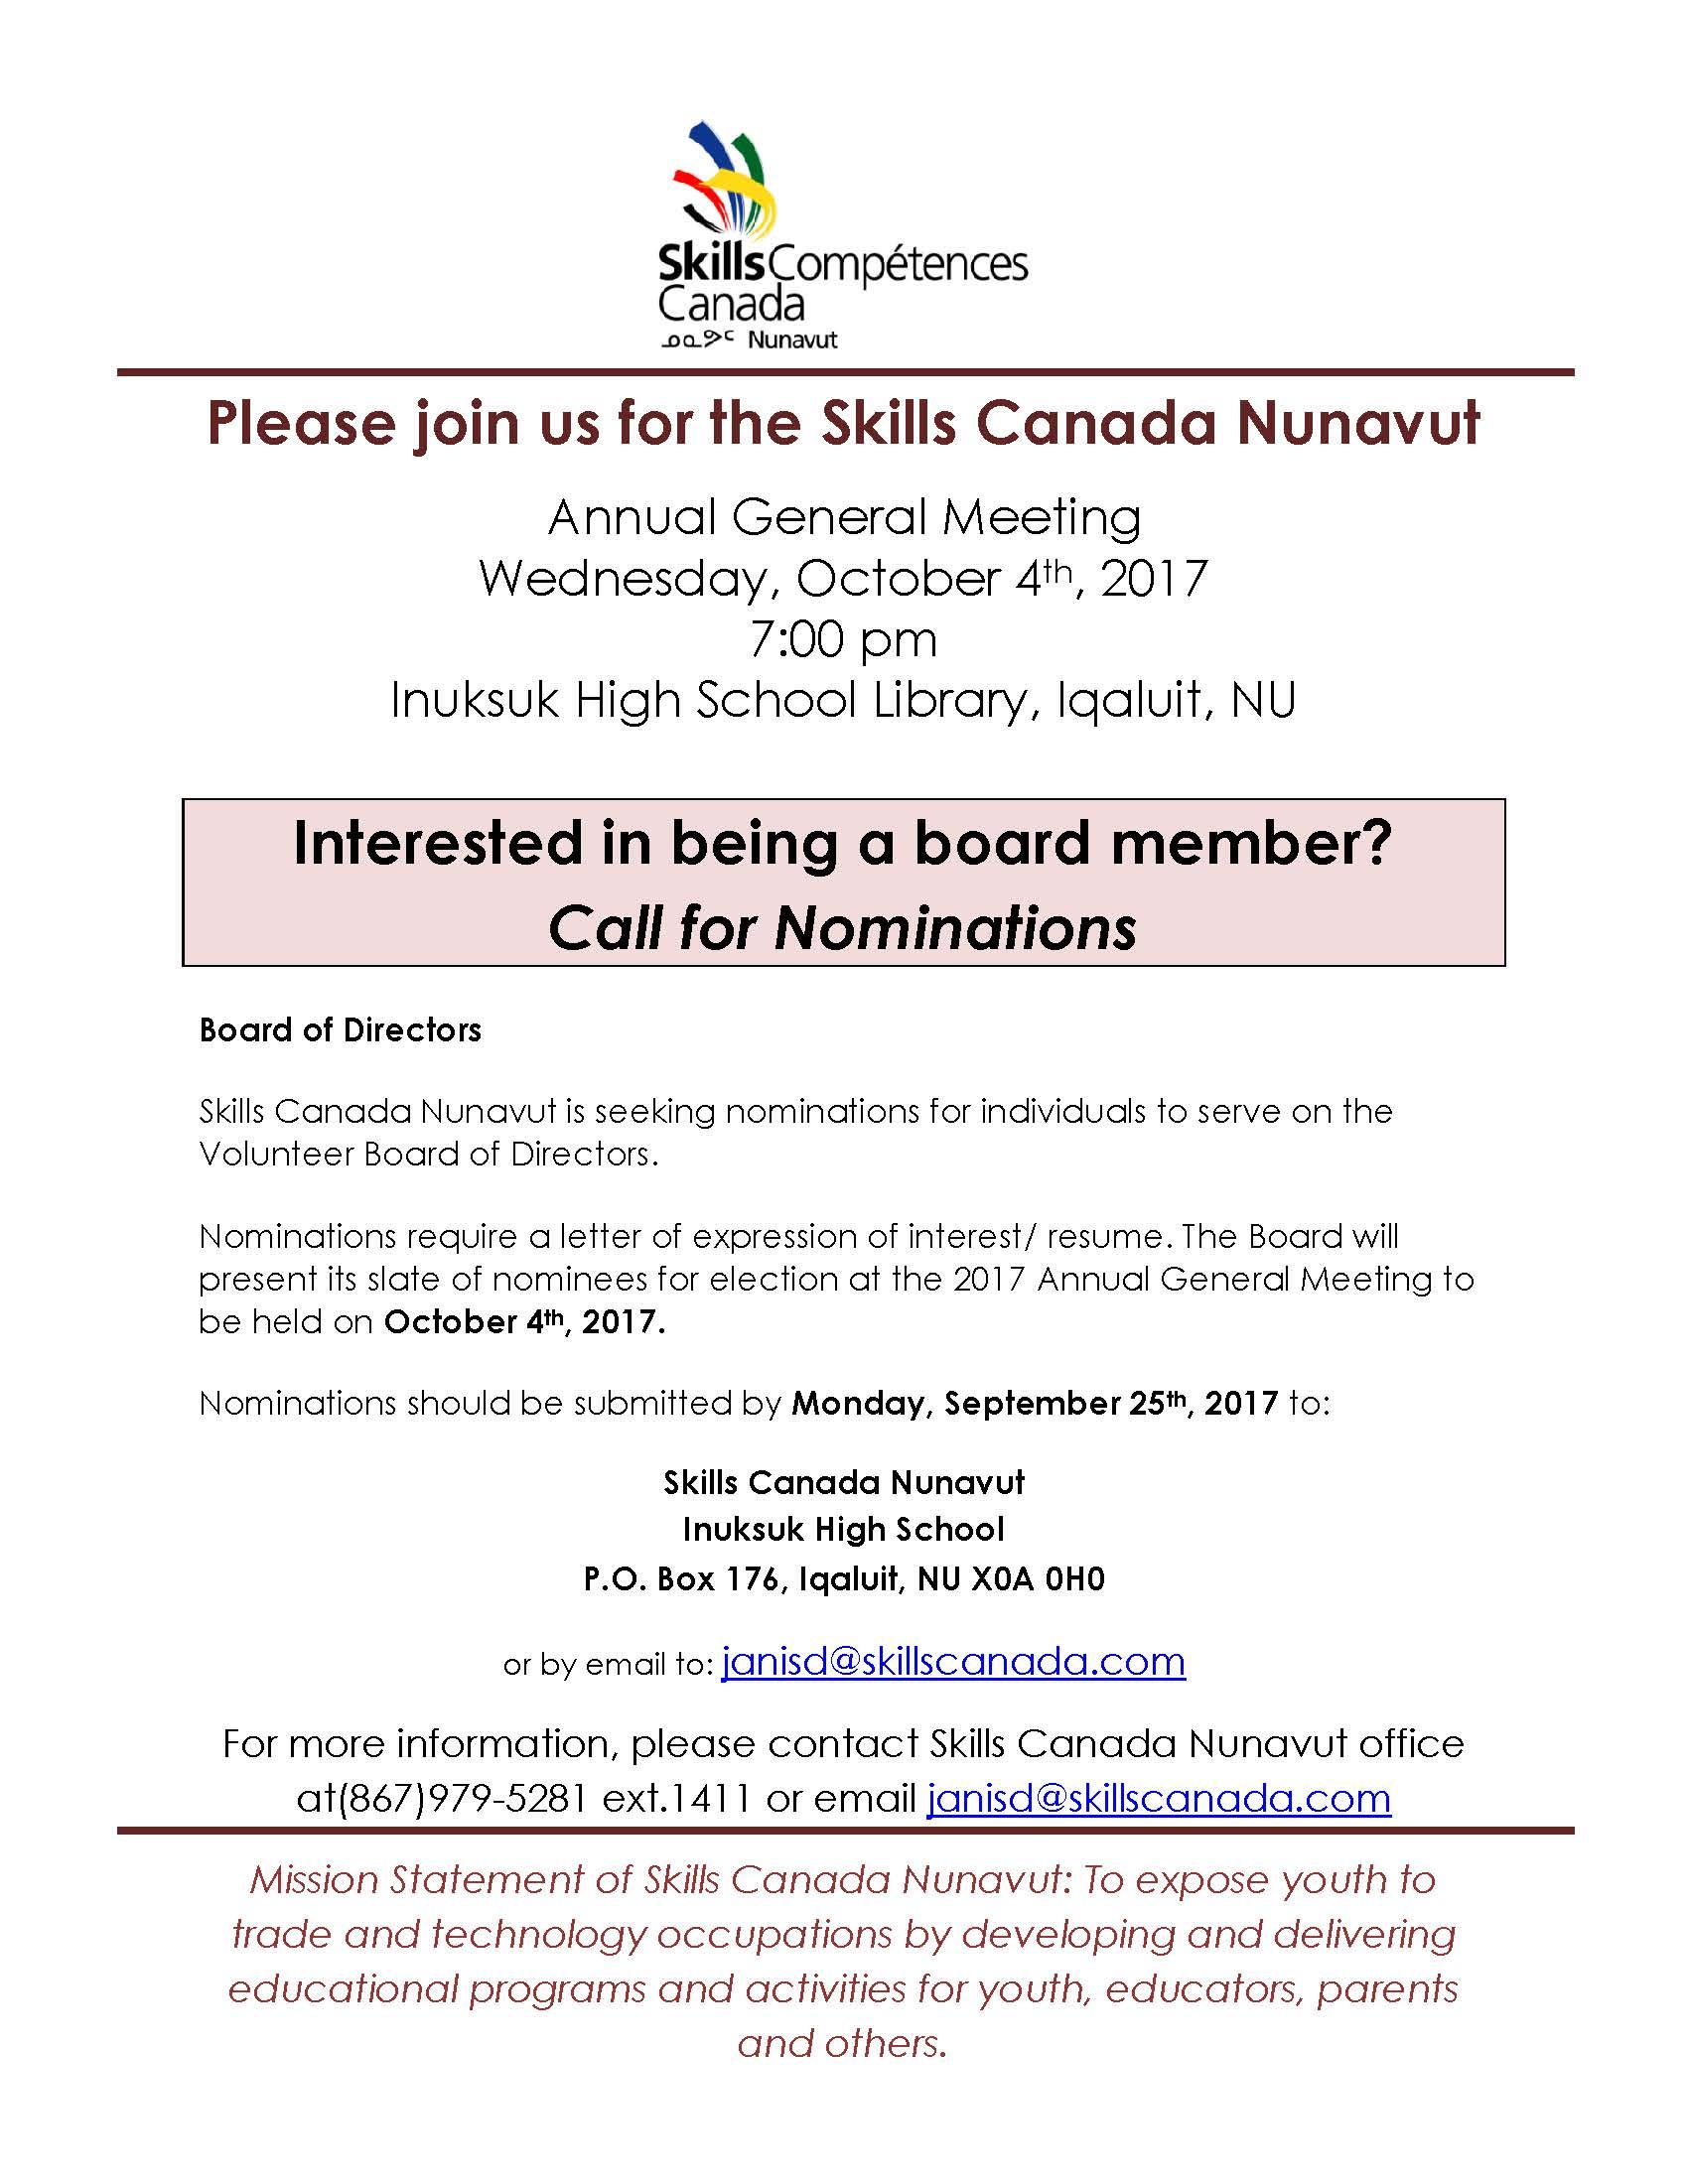 Skills Canada Nunavut AGM poster.jpg